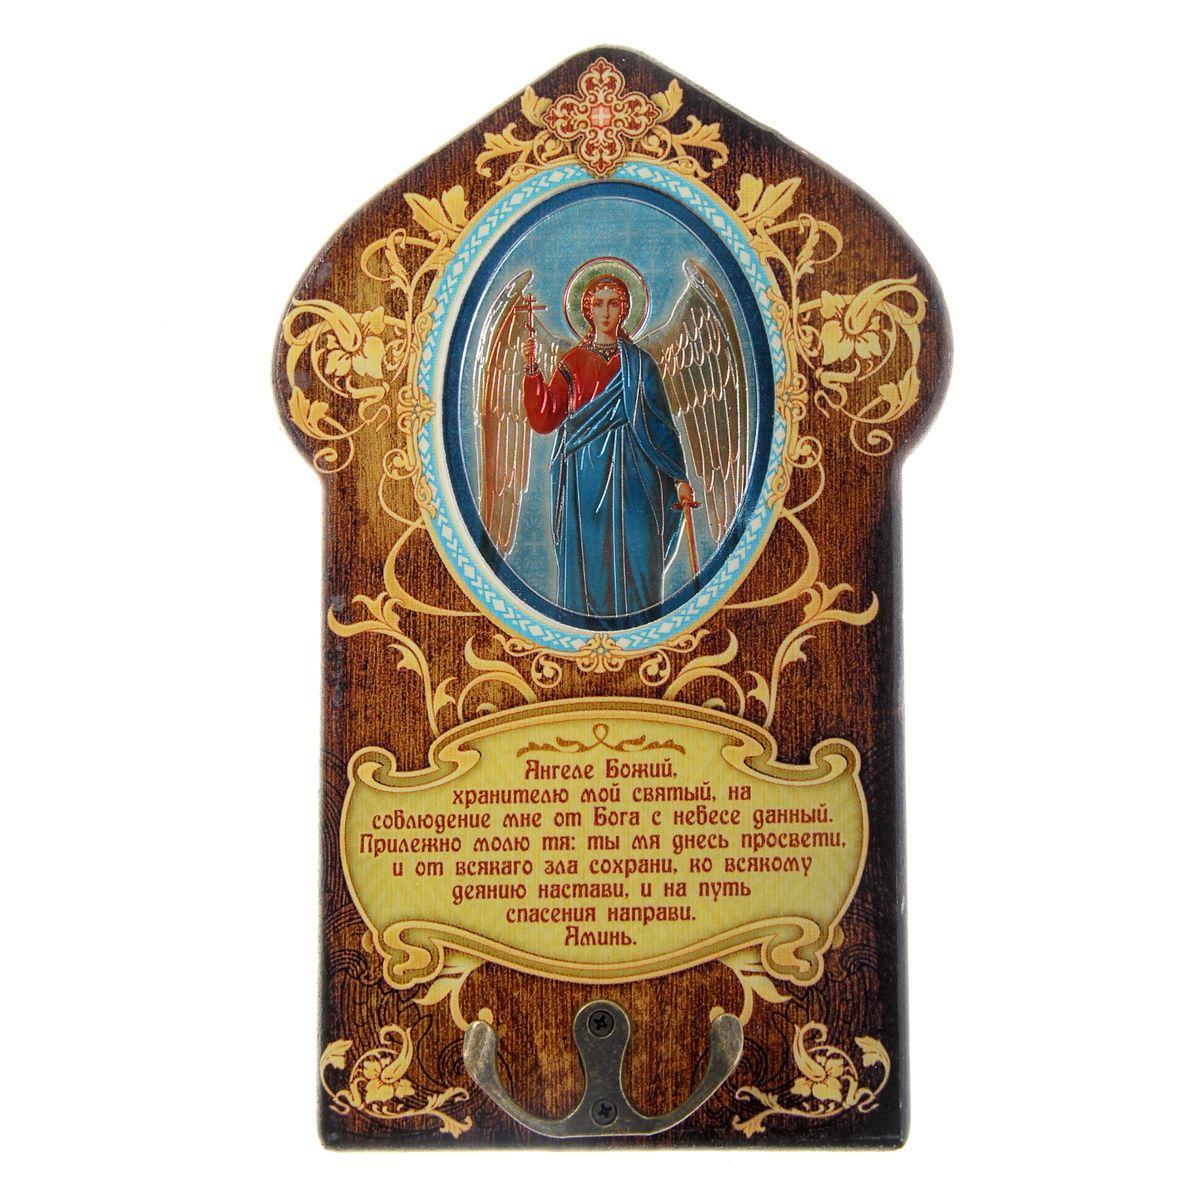 Ключница Sima-land Ангел-Хранитель, 14 х 22 см54 009312Ключница Sima-land Ангел-Хранитель с металлическими крючками, выполнена из качественного дерева. Изделие оформлено фольгированной иконой и молитвой. Икона полностью соответствует канонам Русской Православной Церкви. На обратной стороне ключницы имеется металлический подвес, за который ее удобно вешать на стену. Такая ключница будет достойным подарком с глубоким смыслом. Размер ключницы: 14 см х 22 см х 1 см.